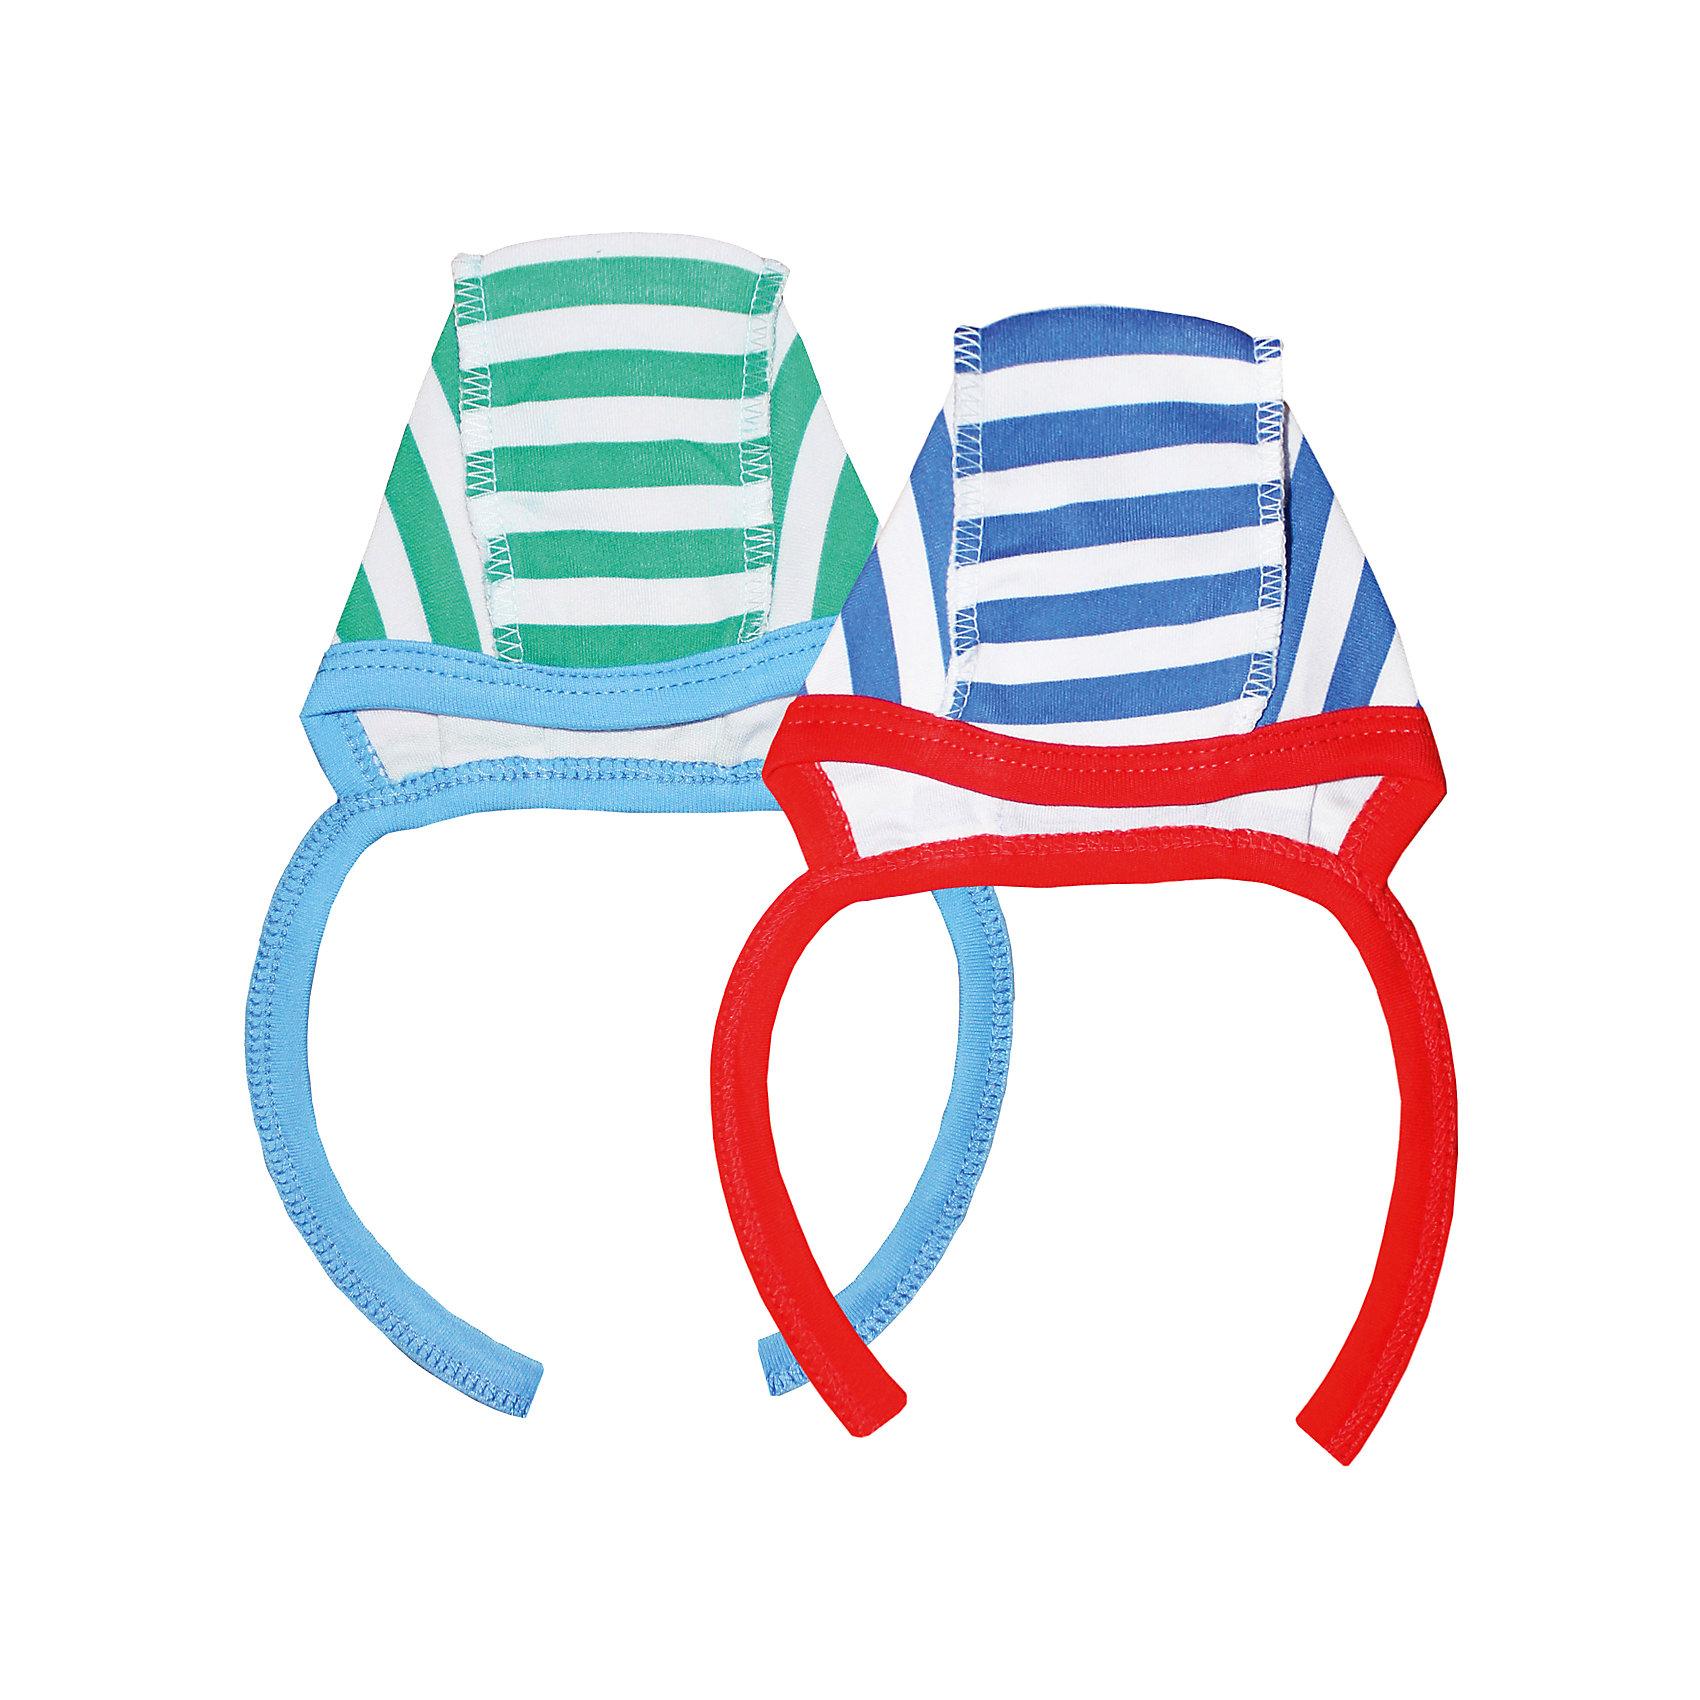 Чепчик для мальчика, 2 шт. Веселый малышШапочки<br>Малыши нуждаются в особом уходе и заботе. Одежда для малышей должна быть удобной и качественной - это один из необходимых факторов для правильного развития и хорошего самочувствия ребенка.<br>Эти чепчики отличаются высоким качеством швов, продуманным кроем, что позволяет им хорошо фиксироваться на голове малыша, не сползать и не натирать.  Материал - интерлок. Это плотная ткань из натурального хлопка, гладкая, приятная на ощупь, дышащая и гипоаллергенная. Расцветка изделий позволяет легко комбинировать их с различной одеждой. В наборе - два чепчика разных расцветок.<br><br>Дополнительная информация:<br><br>материал: 100% хлопок интерлок;<br>завязки;<br>комплектация: 2 чепчика.<br><br>Комплект чепчиков от бренда Веселый малыш можно купить в нашем магазине.<br><br>Ширина мм: 157<br>Глубина мм: 13<br>Высота мм: 119<br>Вес г: 200<br>Цвет: зеленый<br>Возраст от месяцев: 6<br>Возраст до месяцев: 9<br>Пол: Мужской<br>Возраст: Детский<br>Размер: 44,52,40,48<br>SKU: 4811074